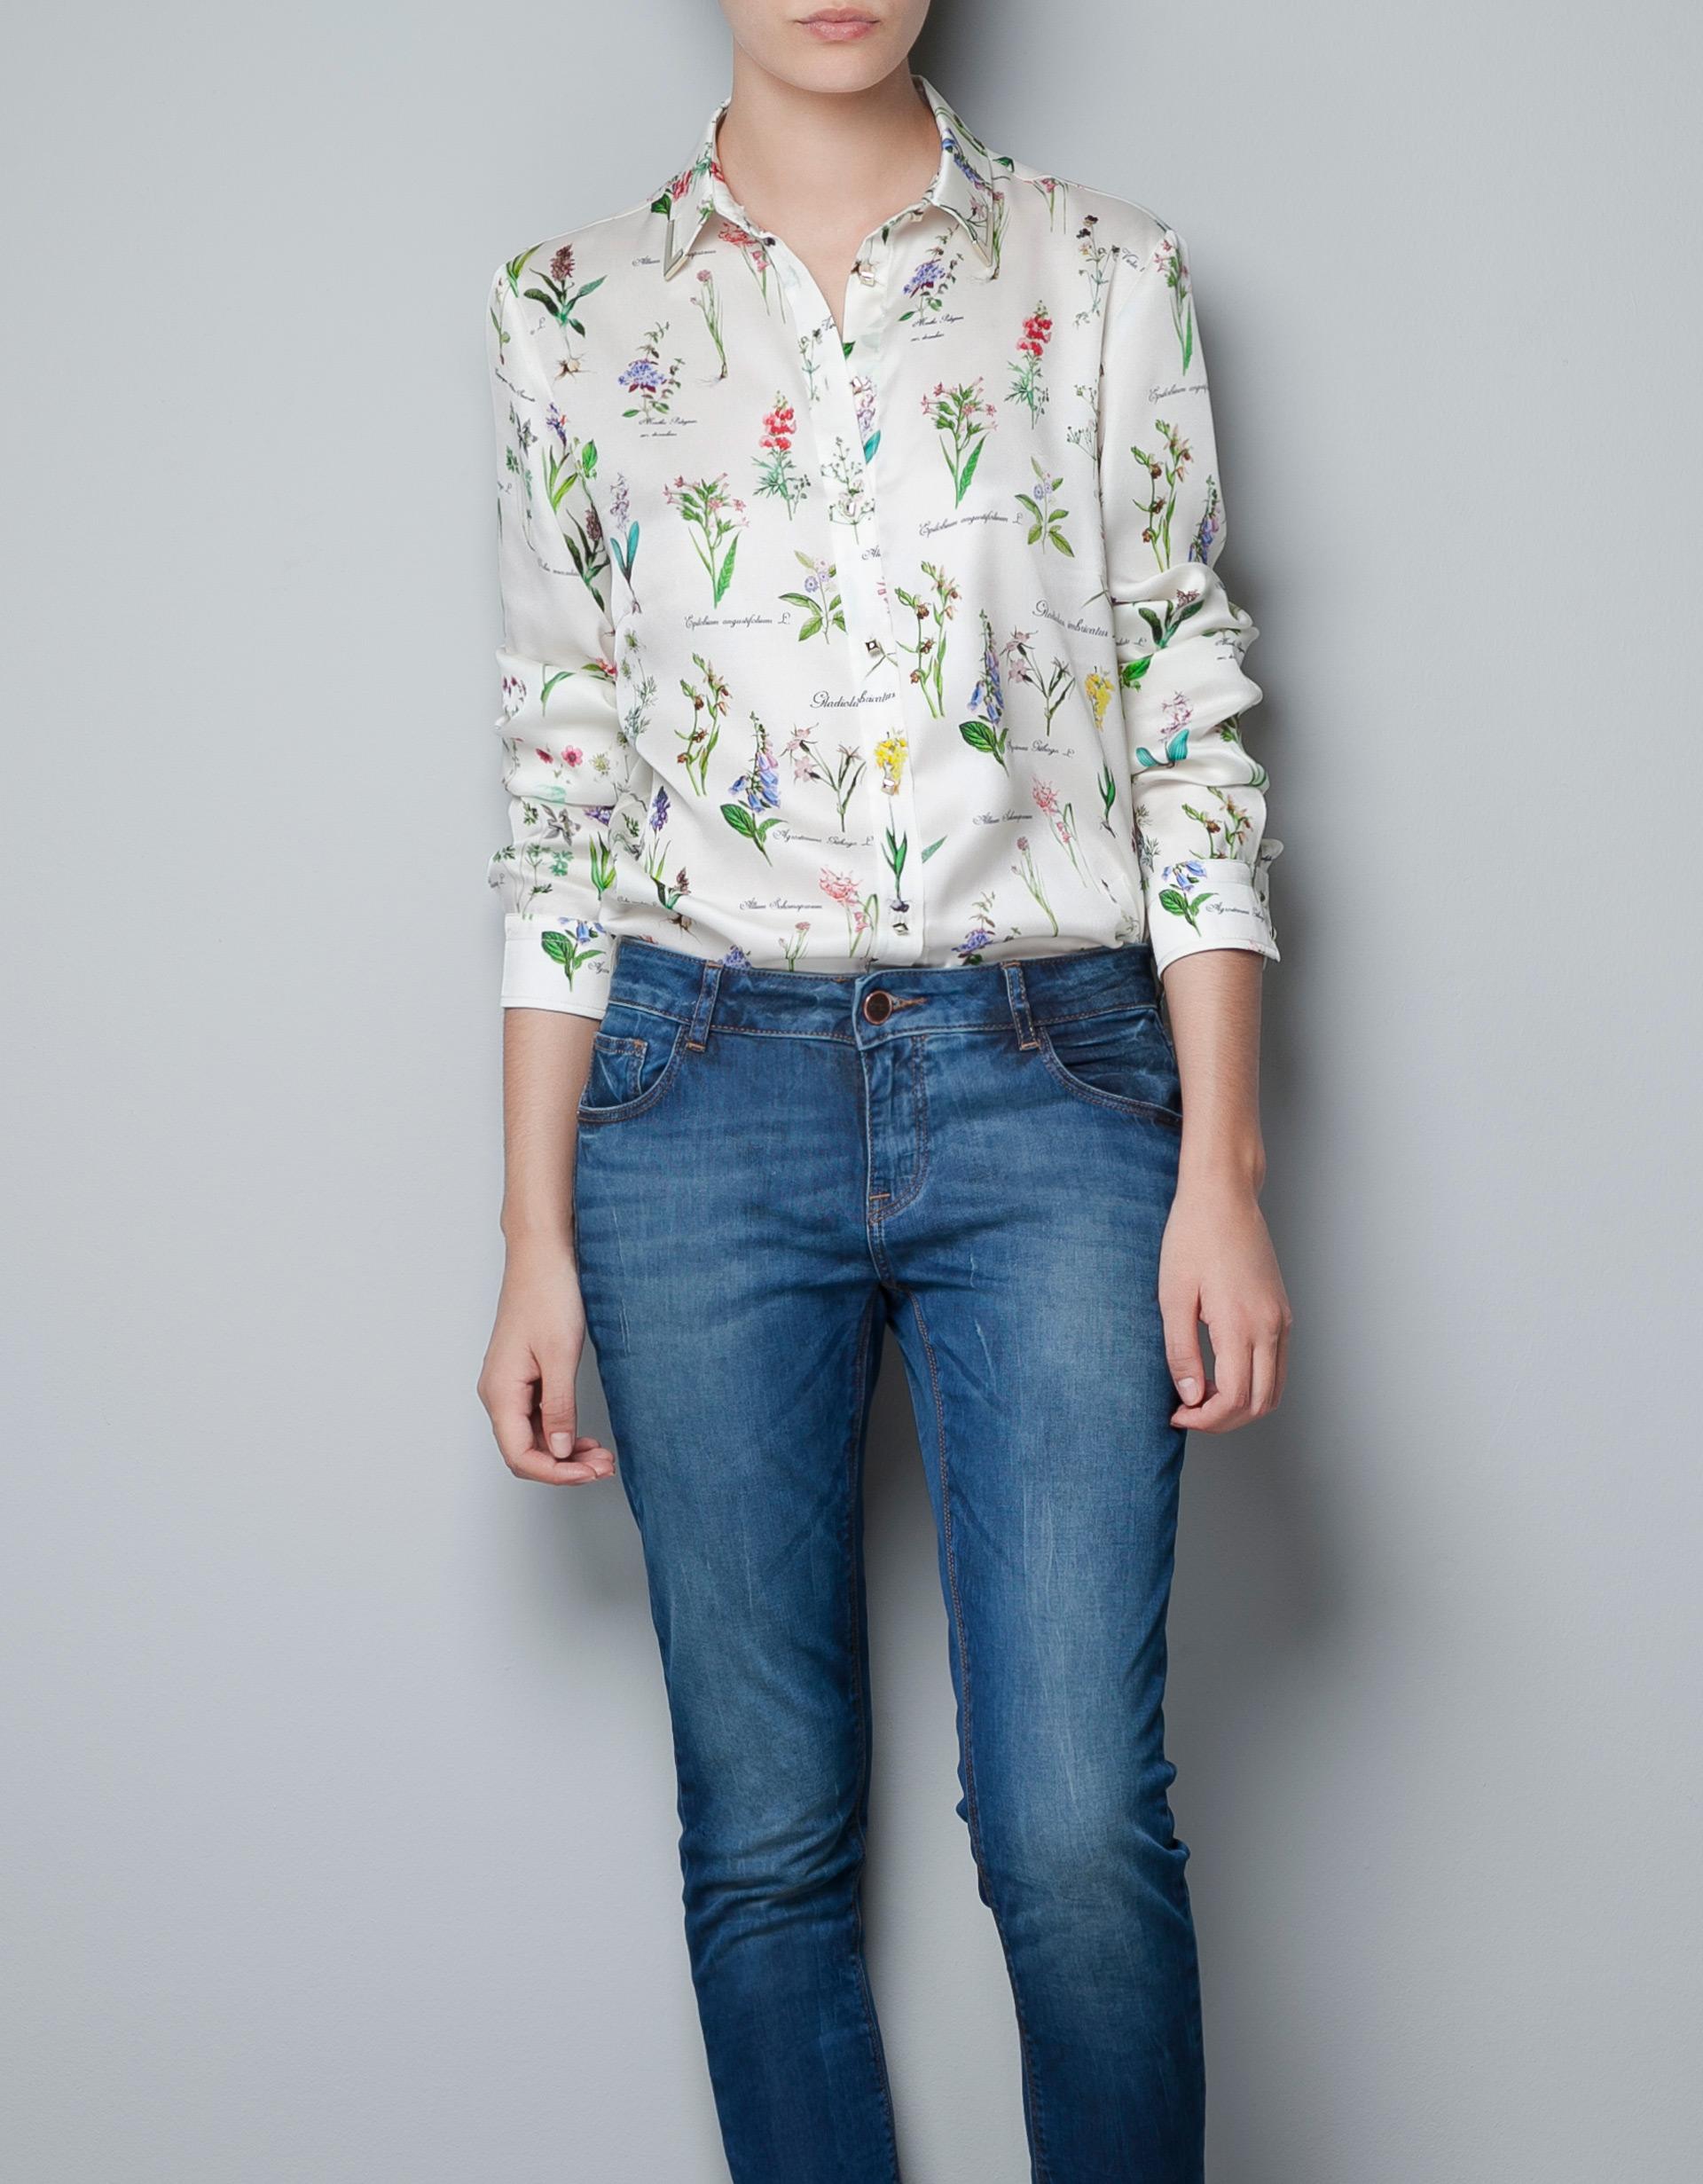 Zara Printed Chiffon Blouse 12